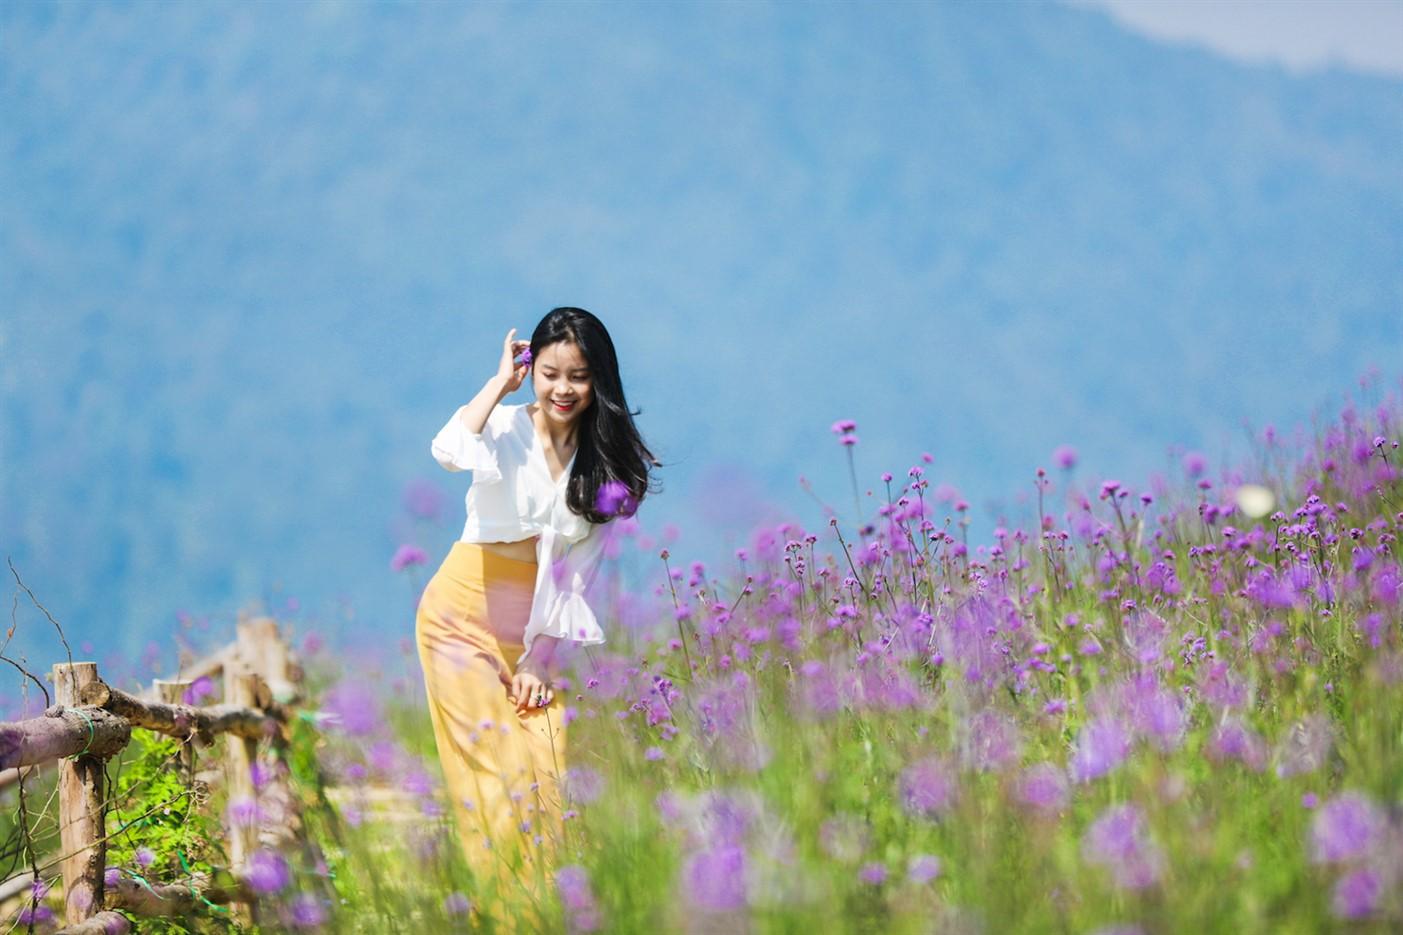 Ngỡ ngàng biển hoa tím đẹp như cổ tích tại Fansipan - Ảnh 4.